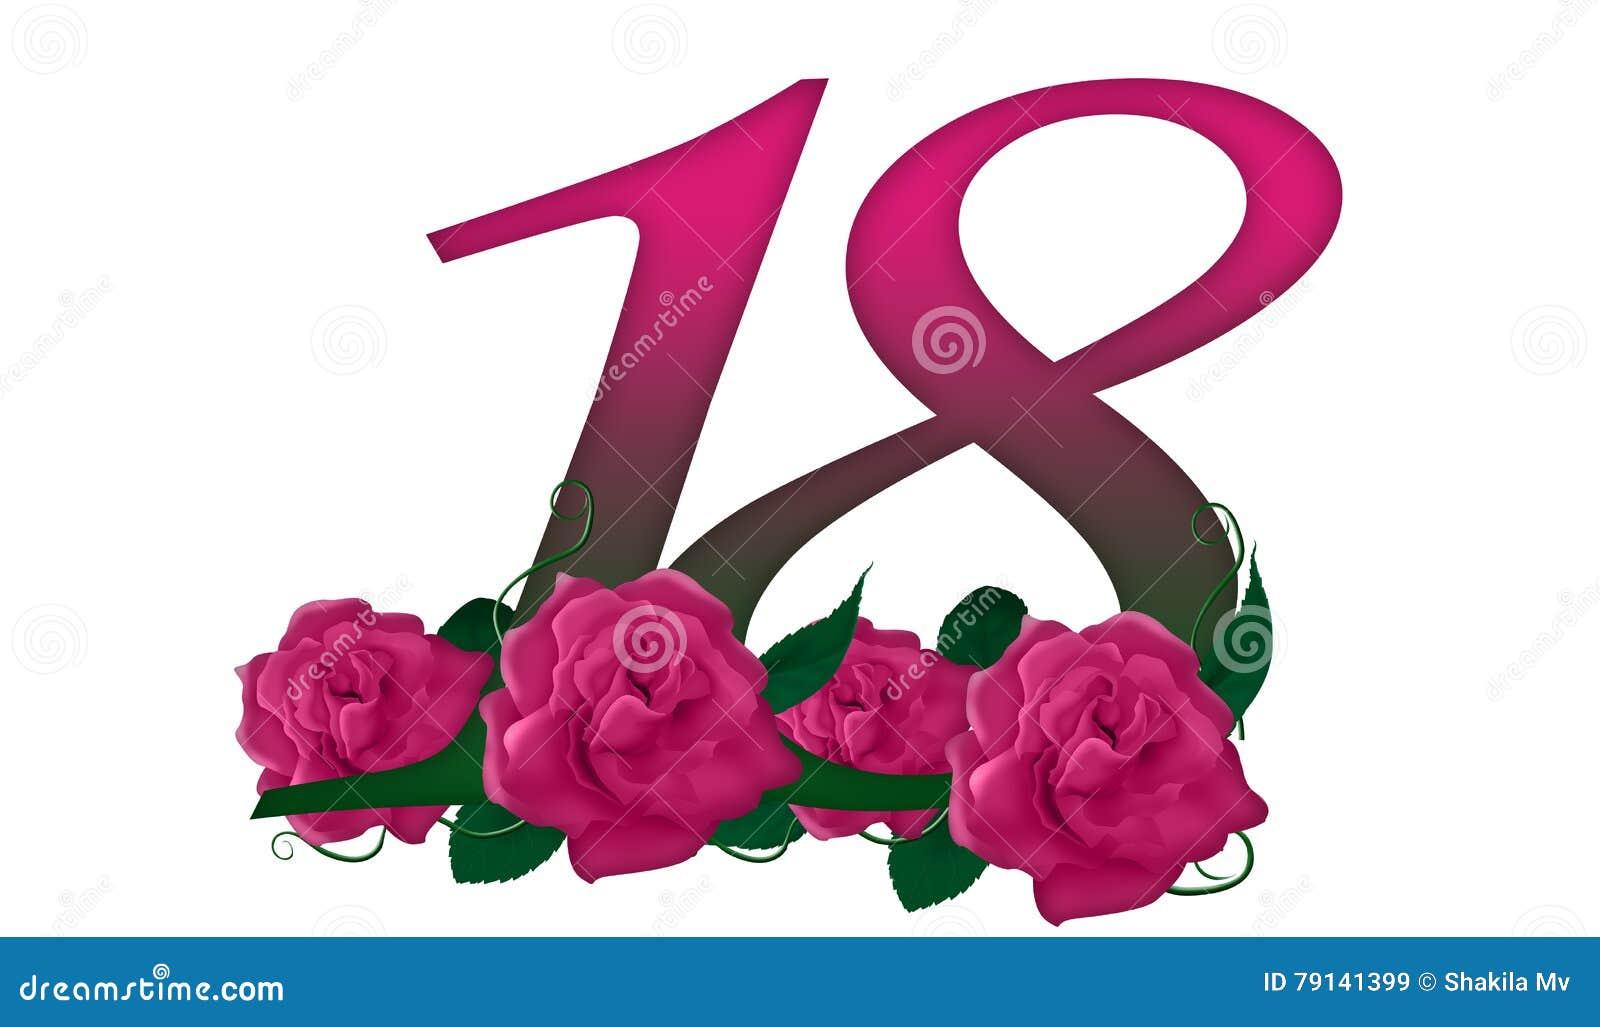 Number 18 floral